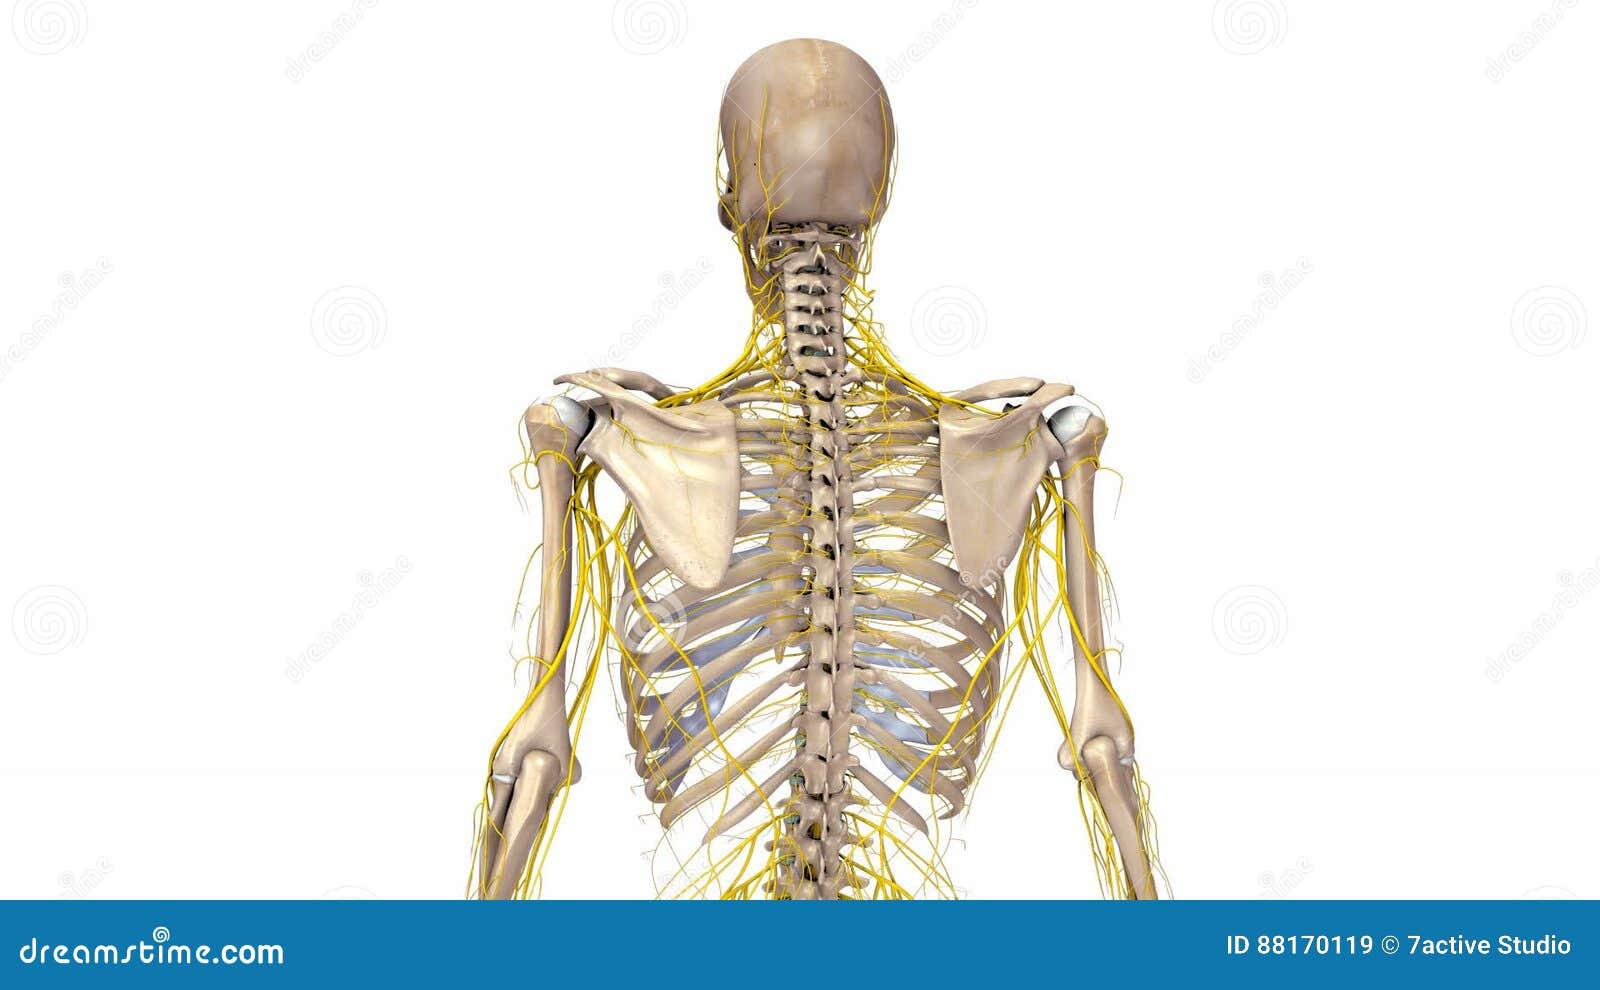 Ziemlich Skelett Und Muskelsystem Zusammenarbeiten Bilder - Anatomie ...